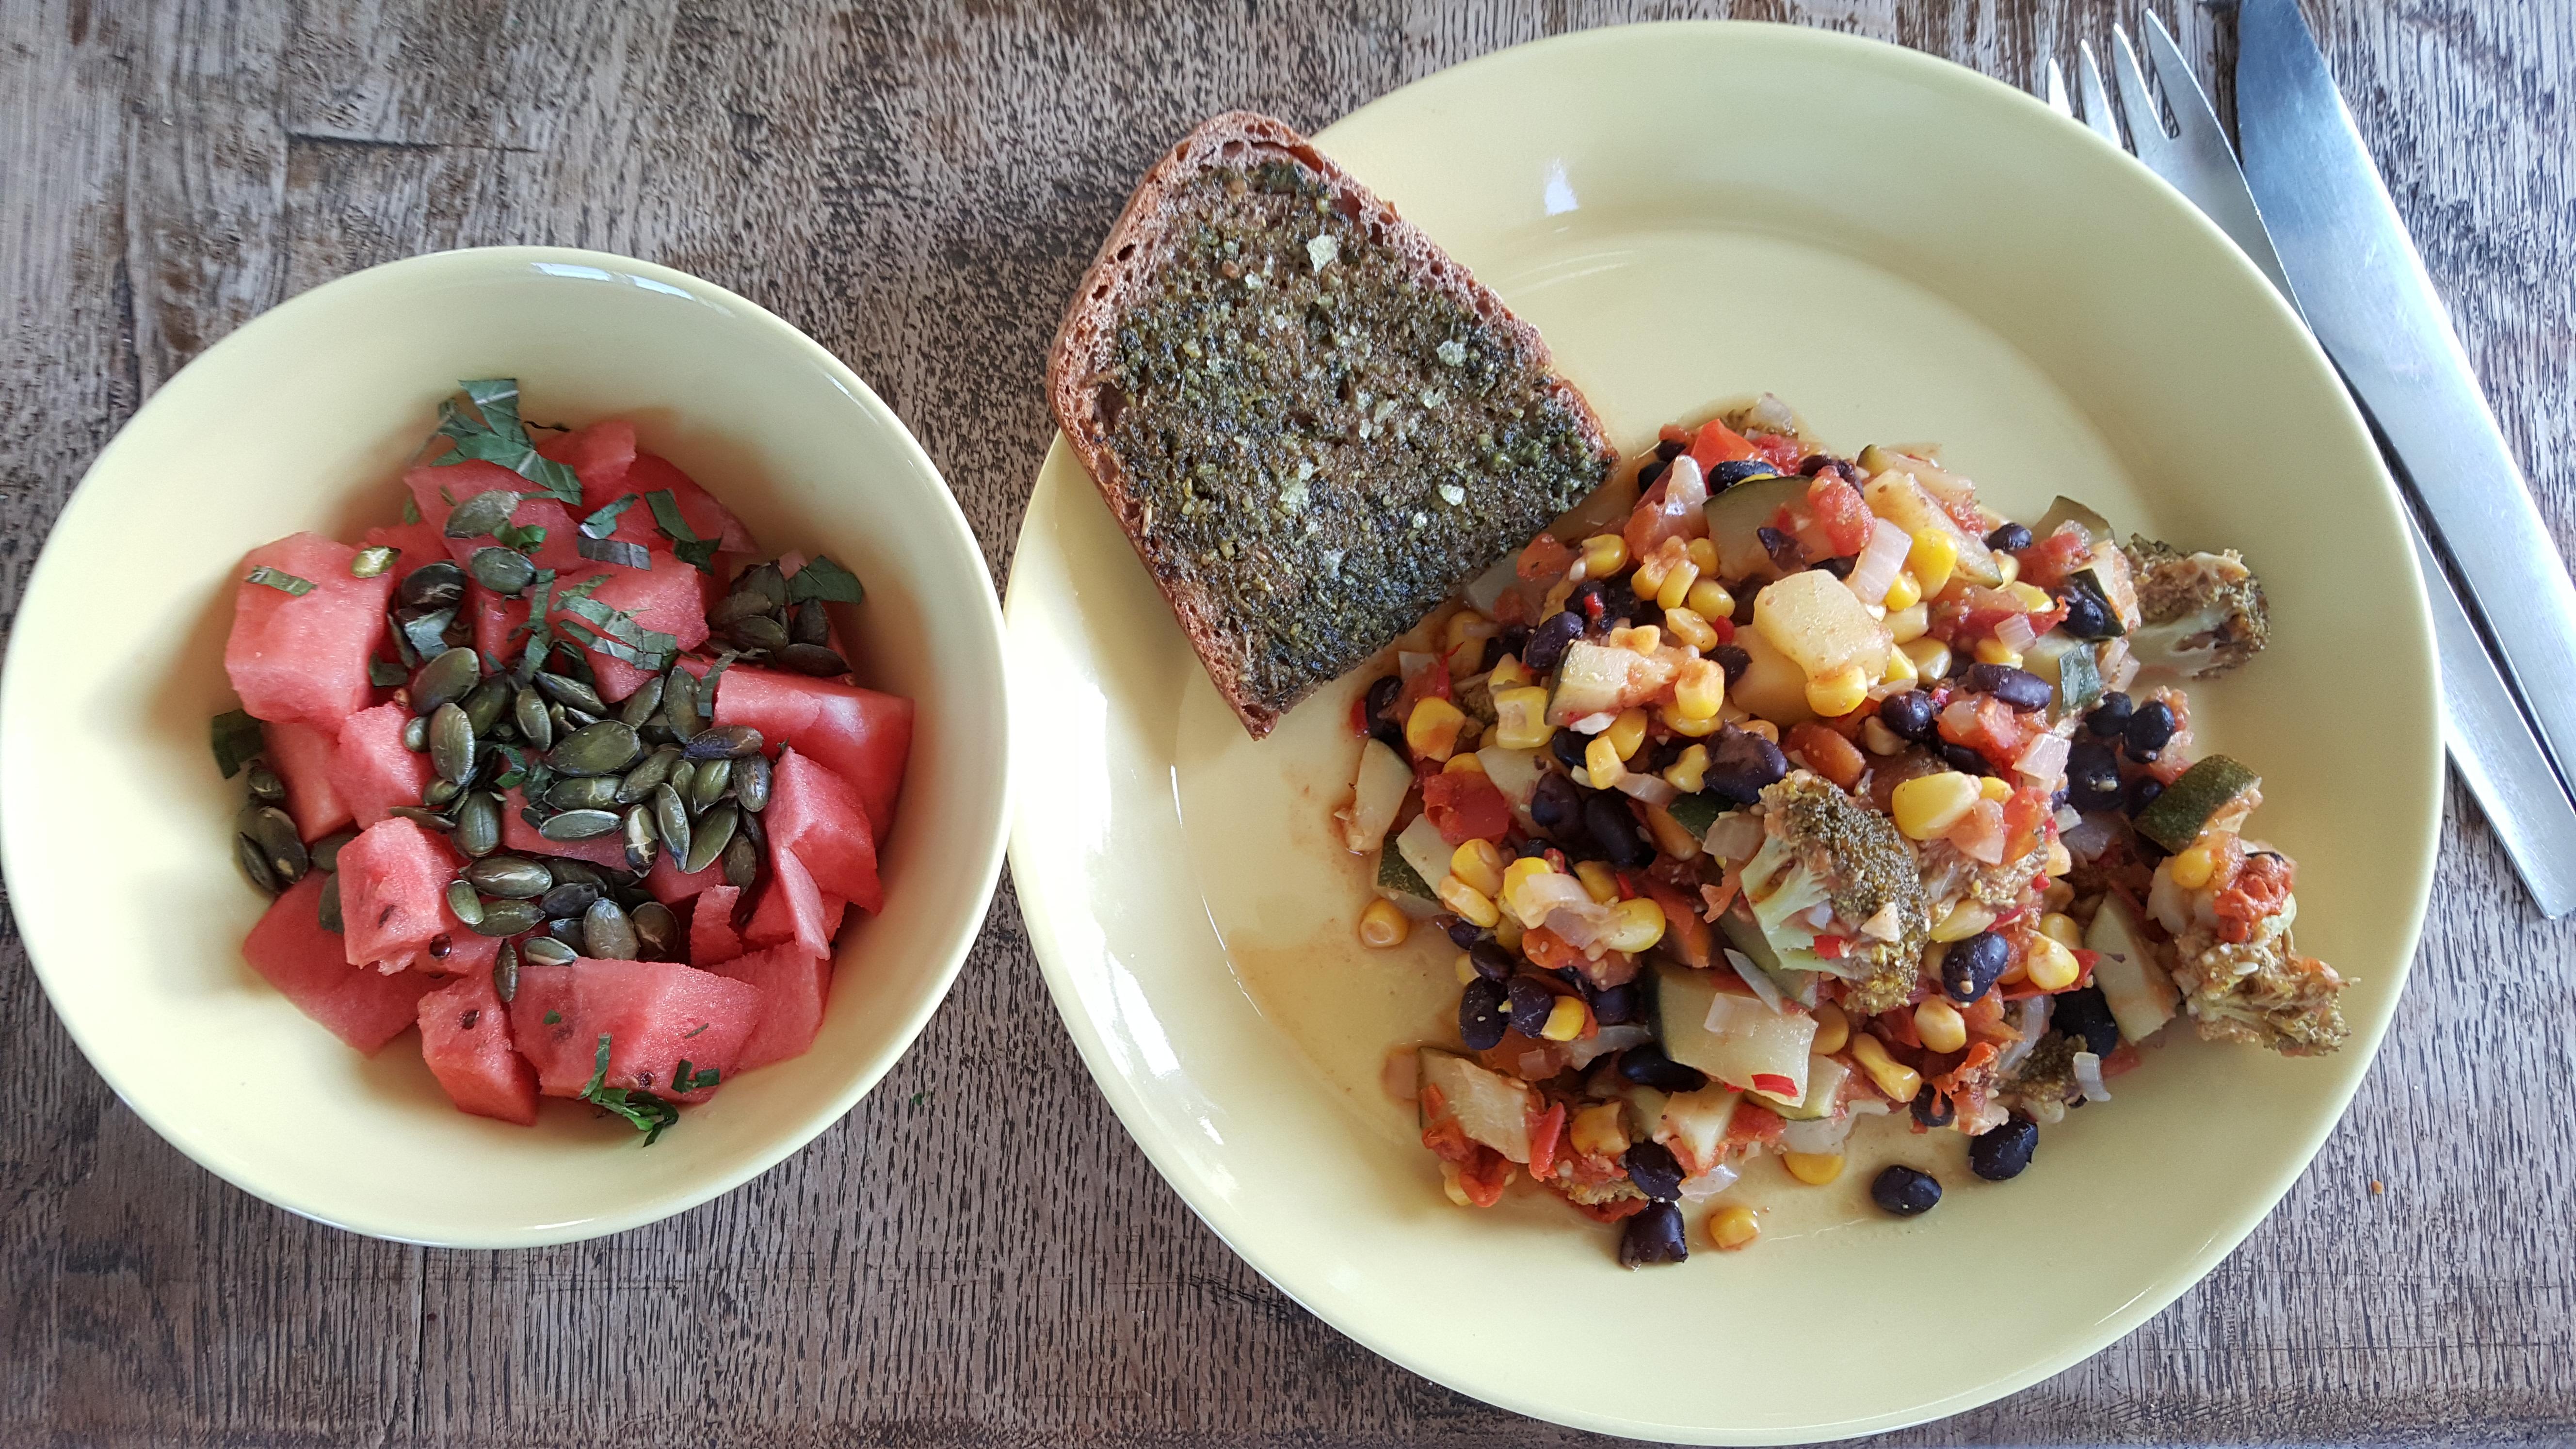 Chili goji gryde, ovnristet brød og vandmelonssalat